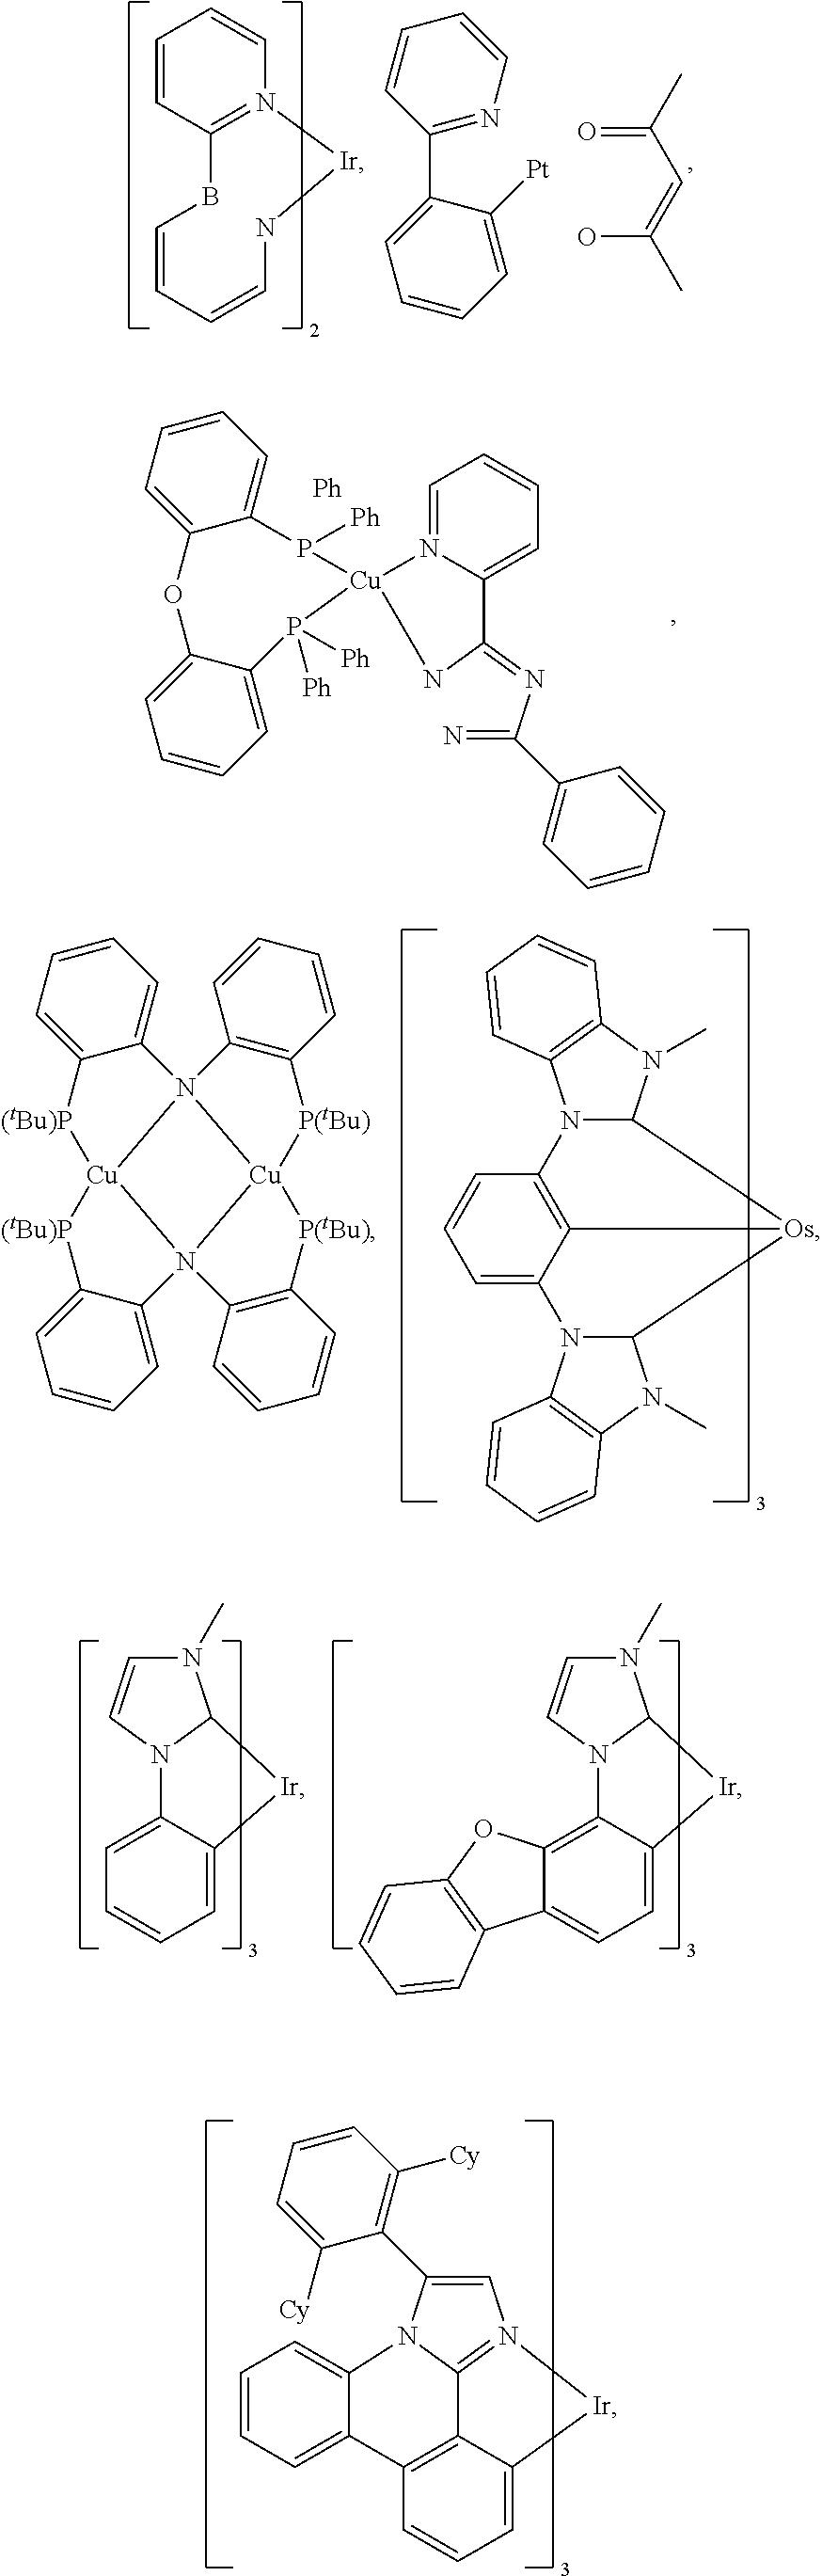 Figure US09978956-20180522-C00077